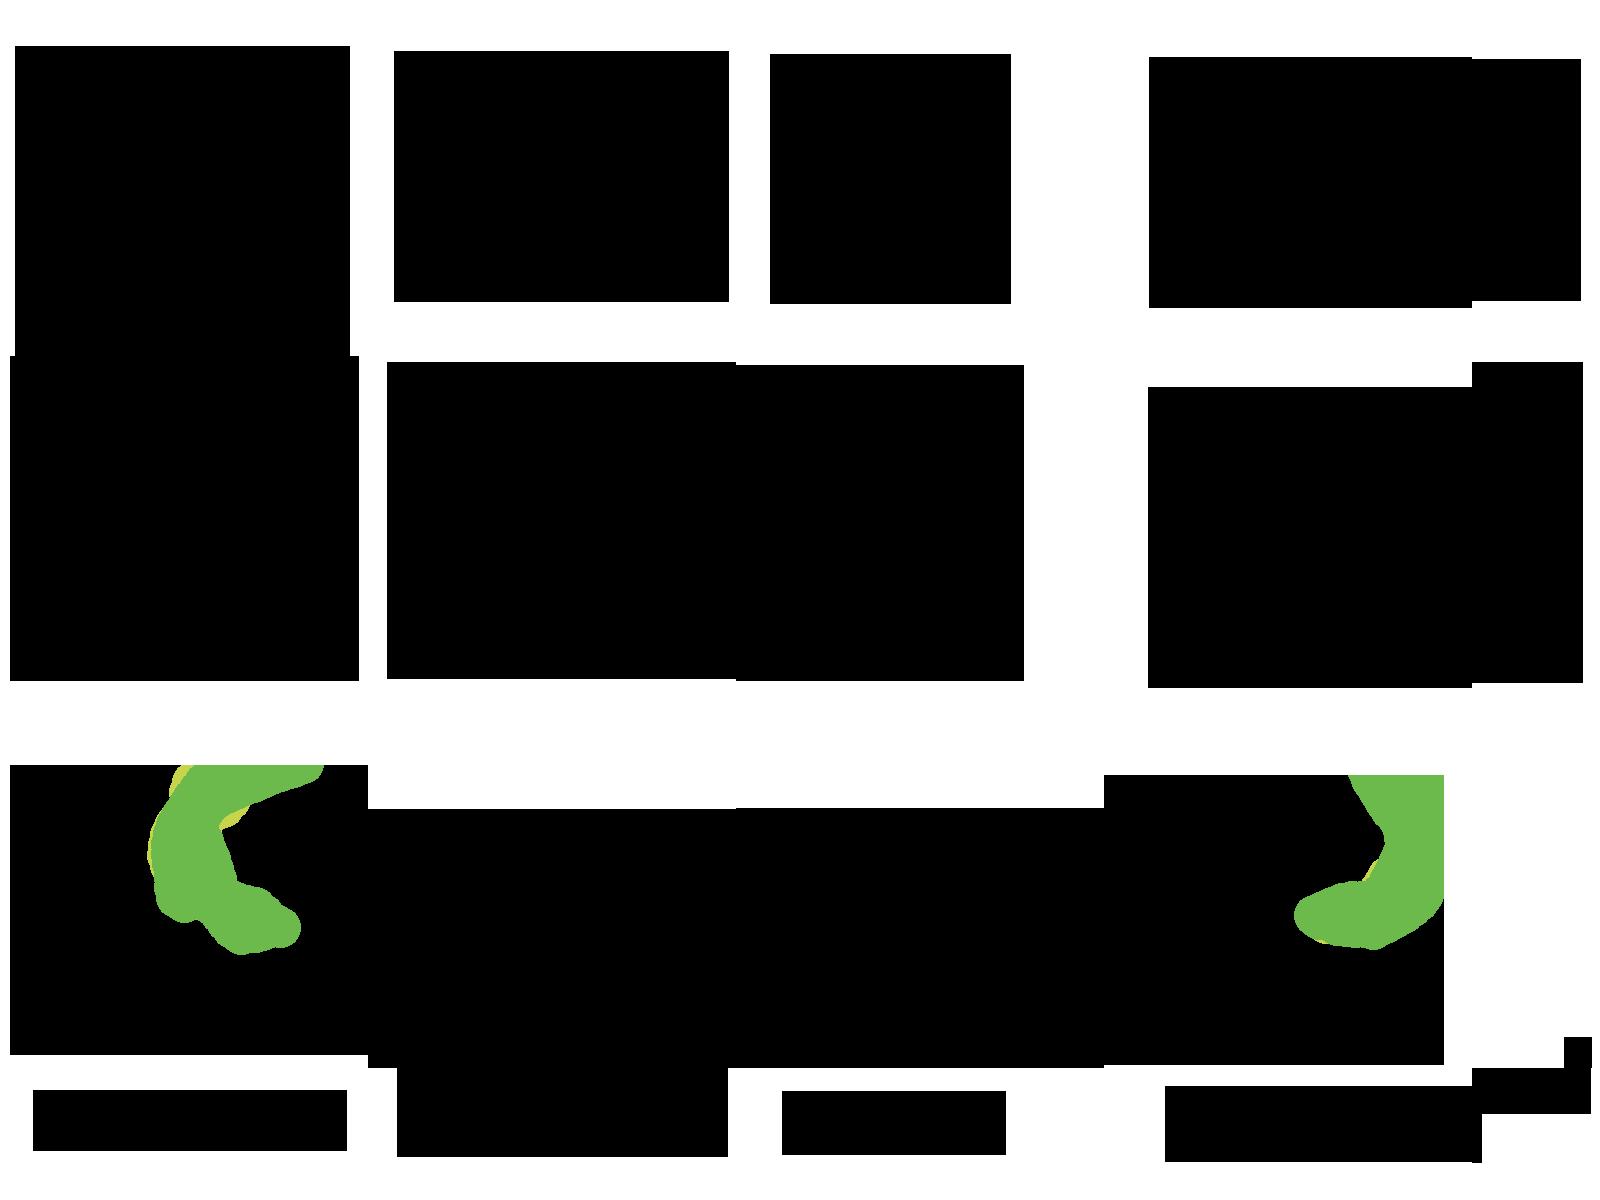 Val関数で文字列を数値に変換する